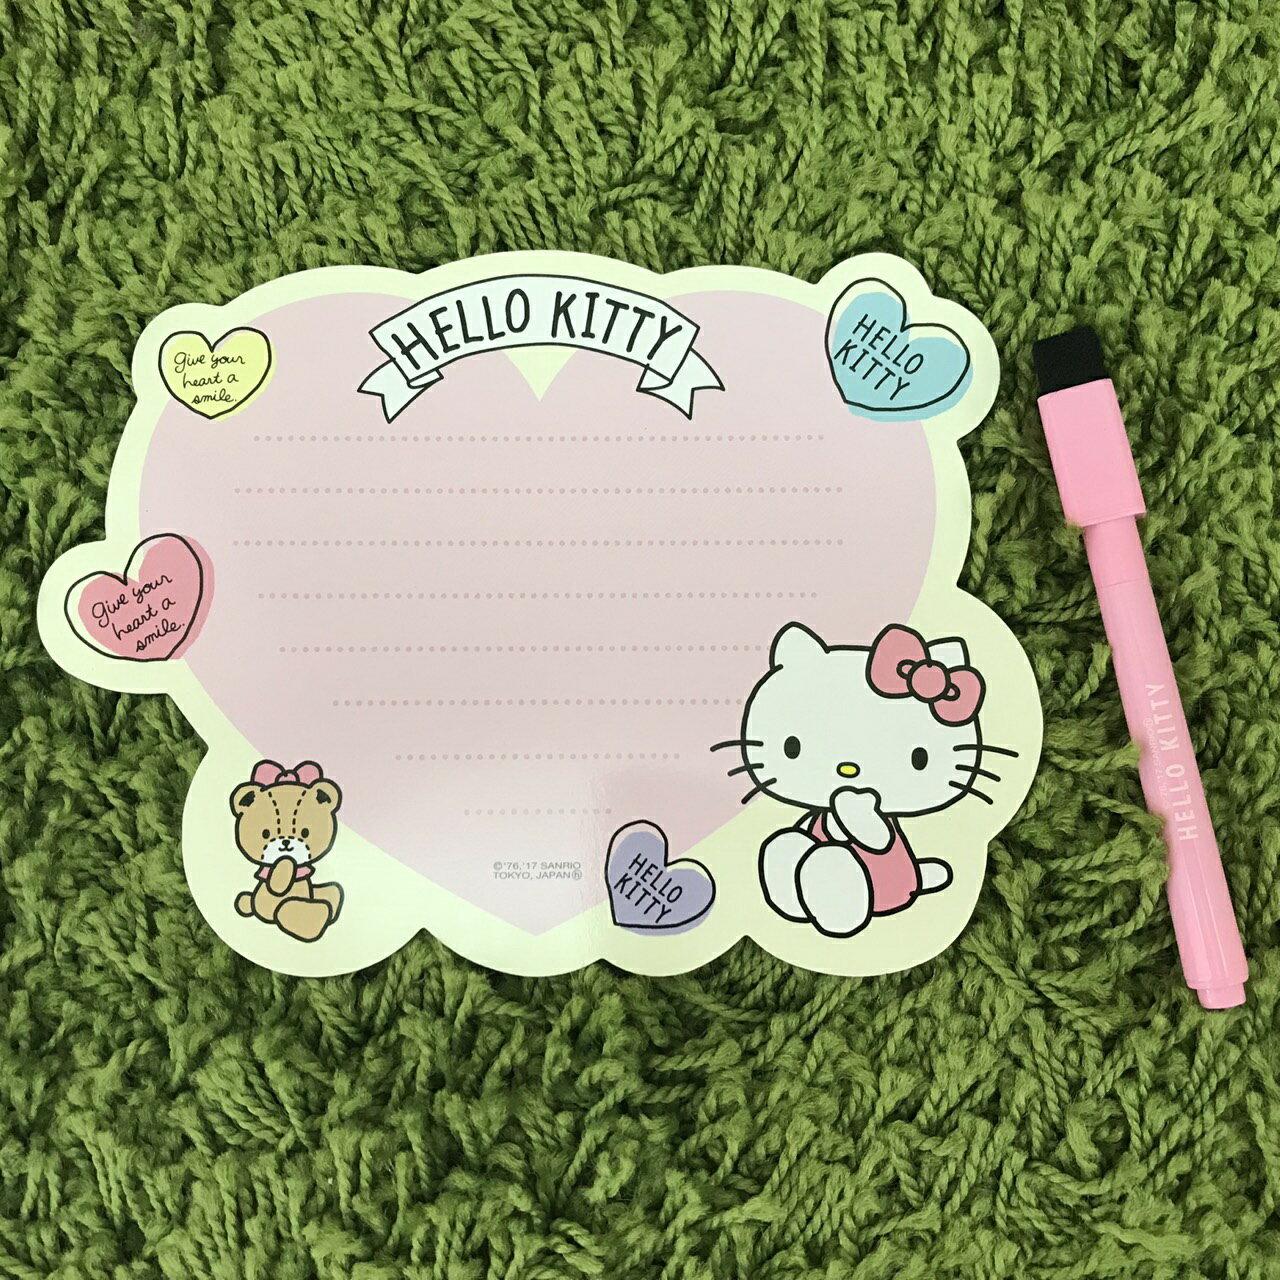 【真愛日本】17112300027 磁鐵留言板附筆-KT愛心粉 三麗鷗 kitty 凱蒂貓 文具 公佈欄 居家生活 日用